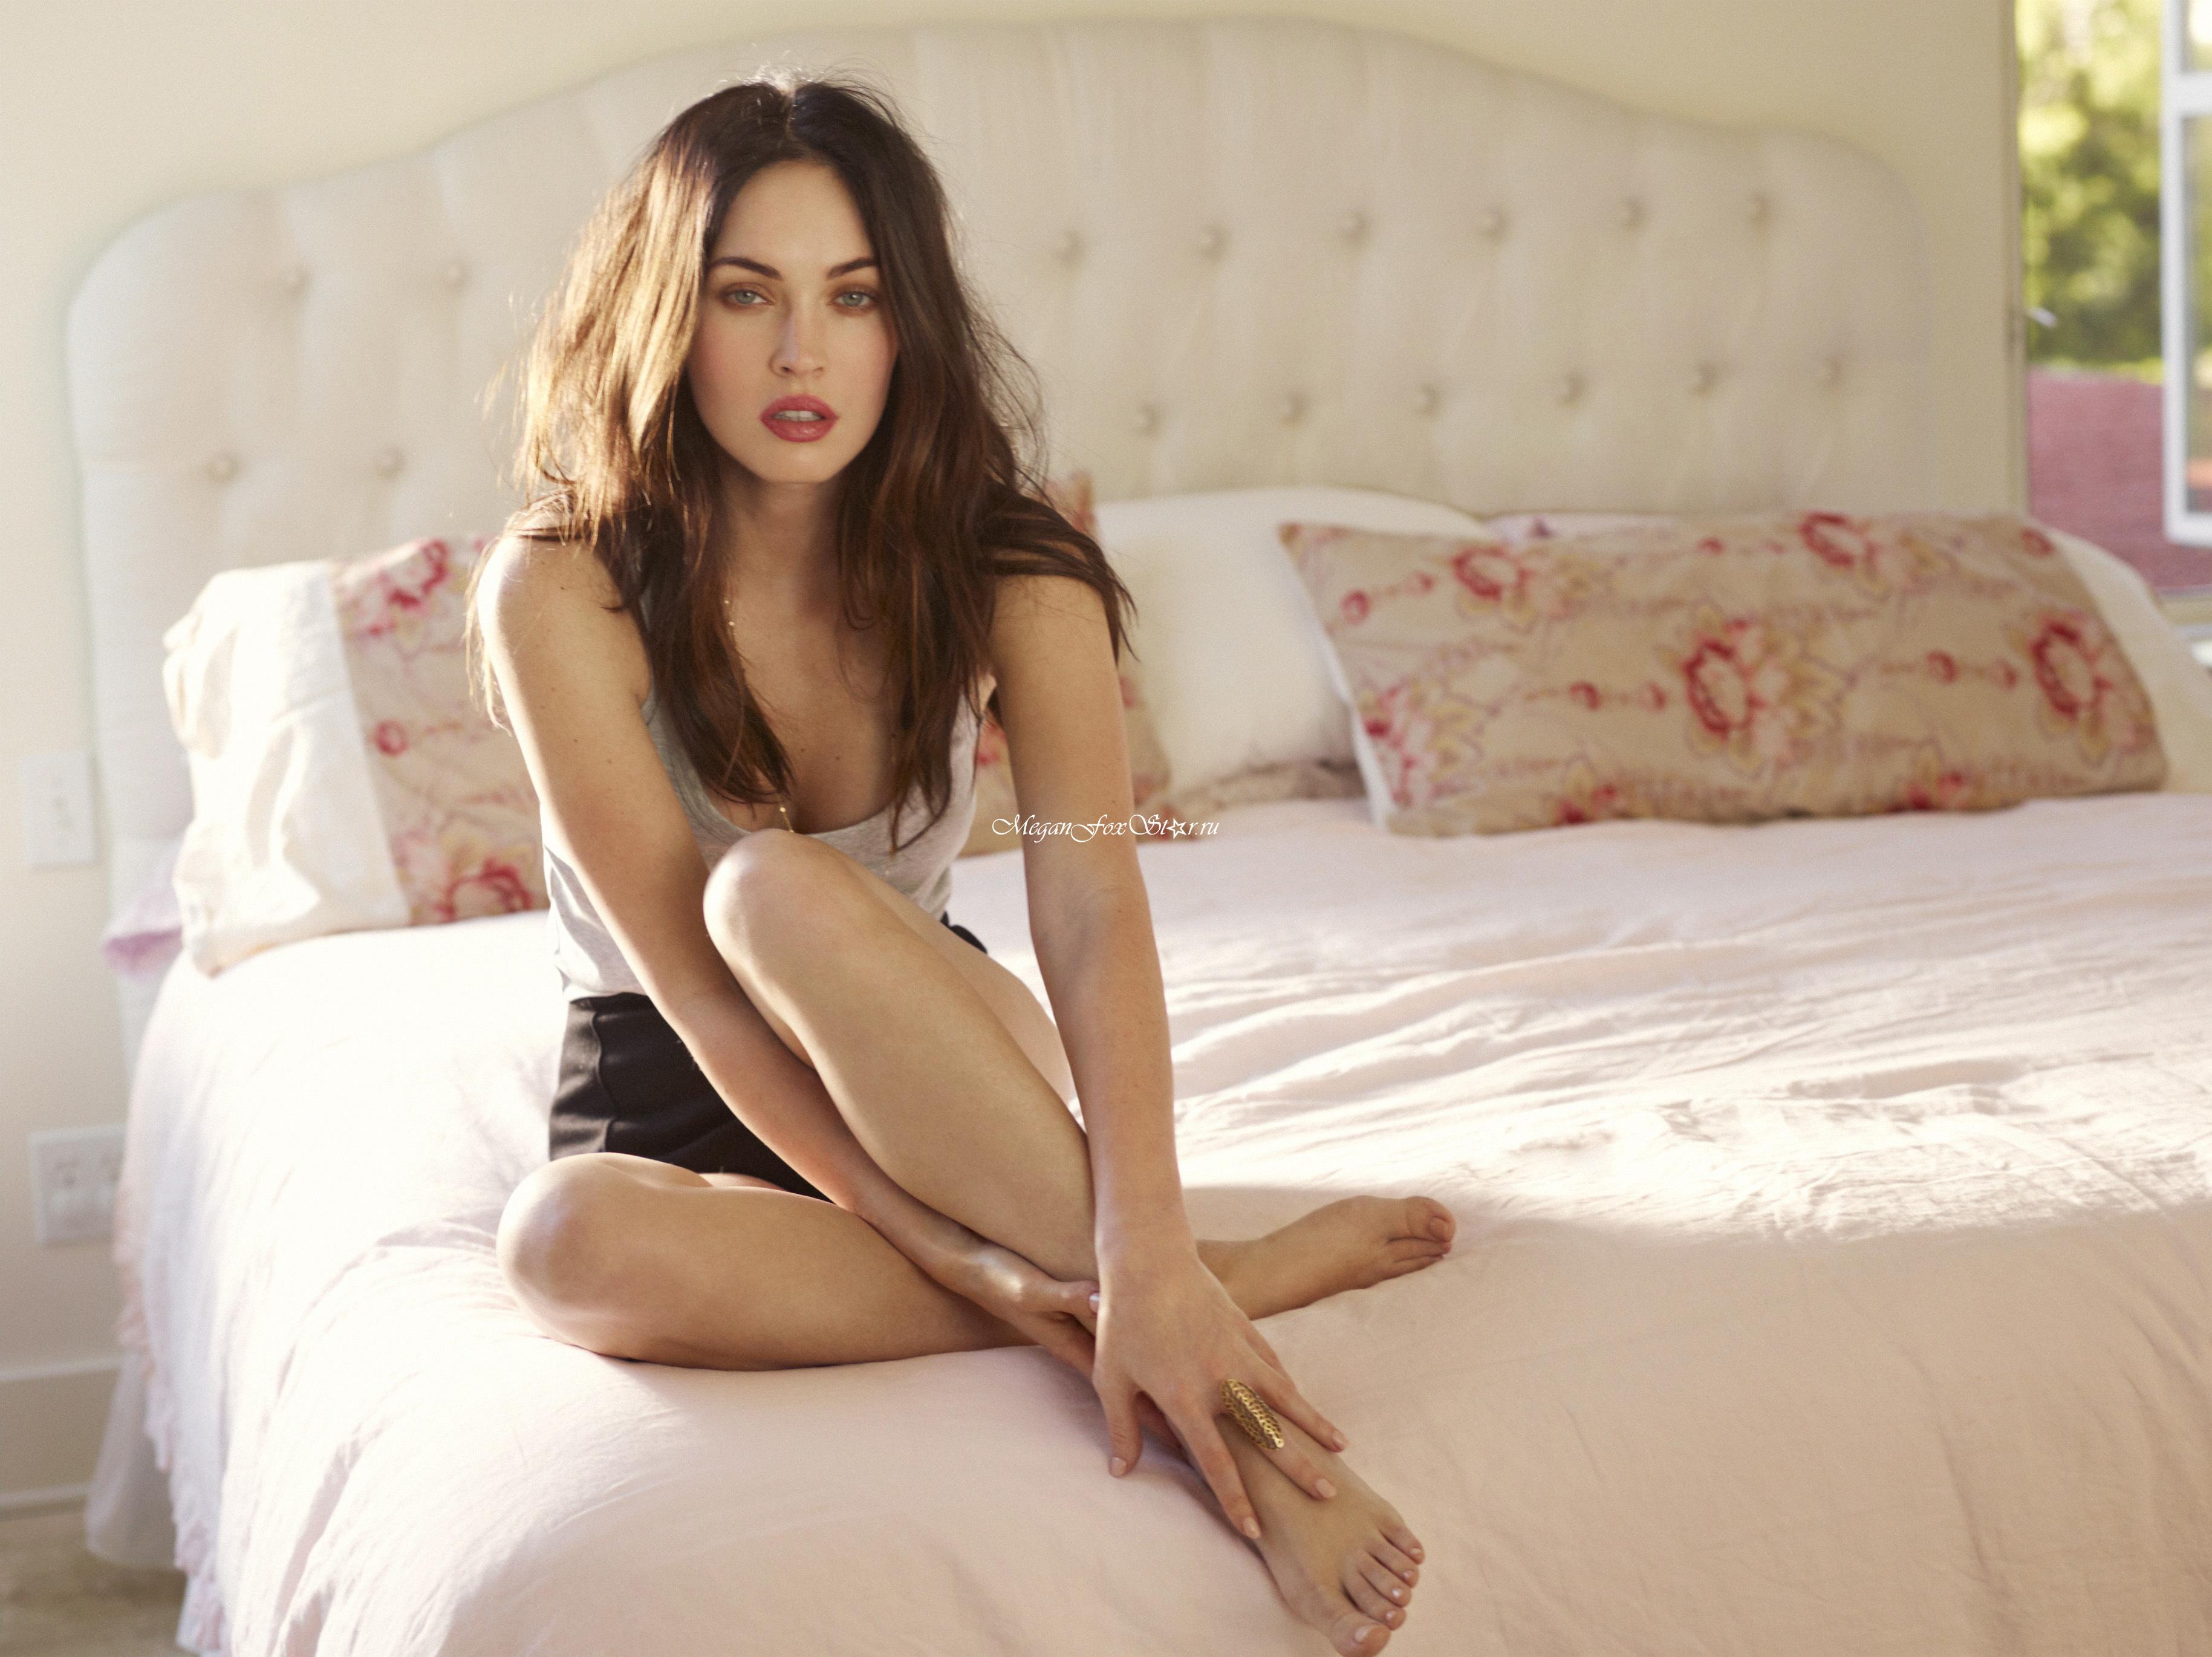 Megan Fox's Feet